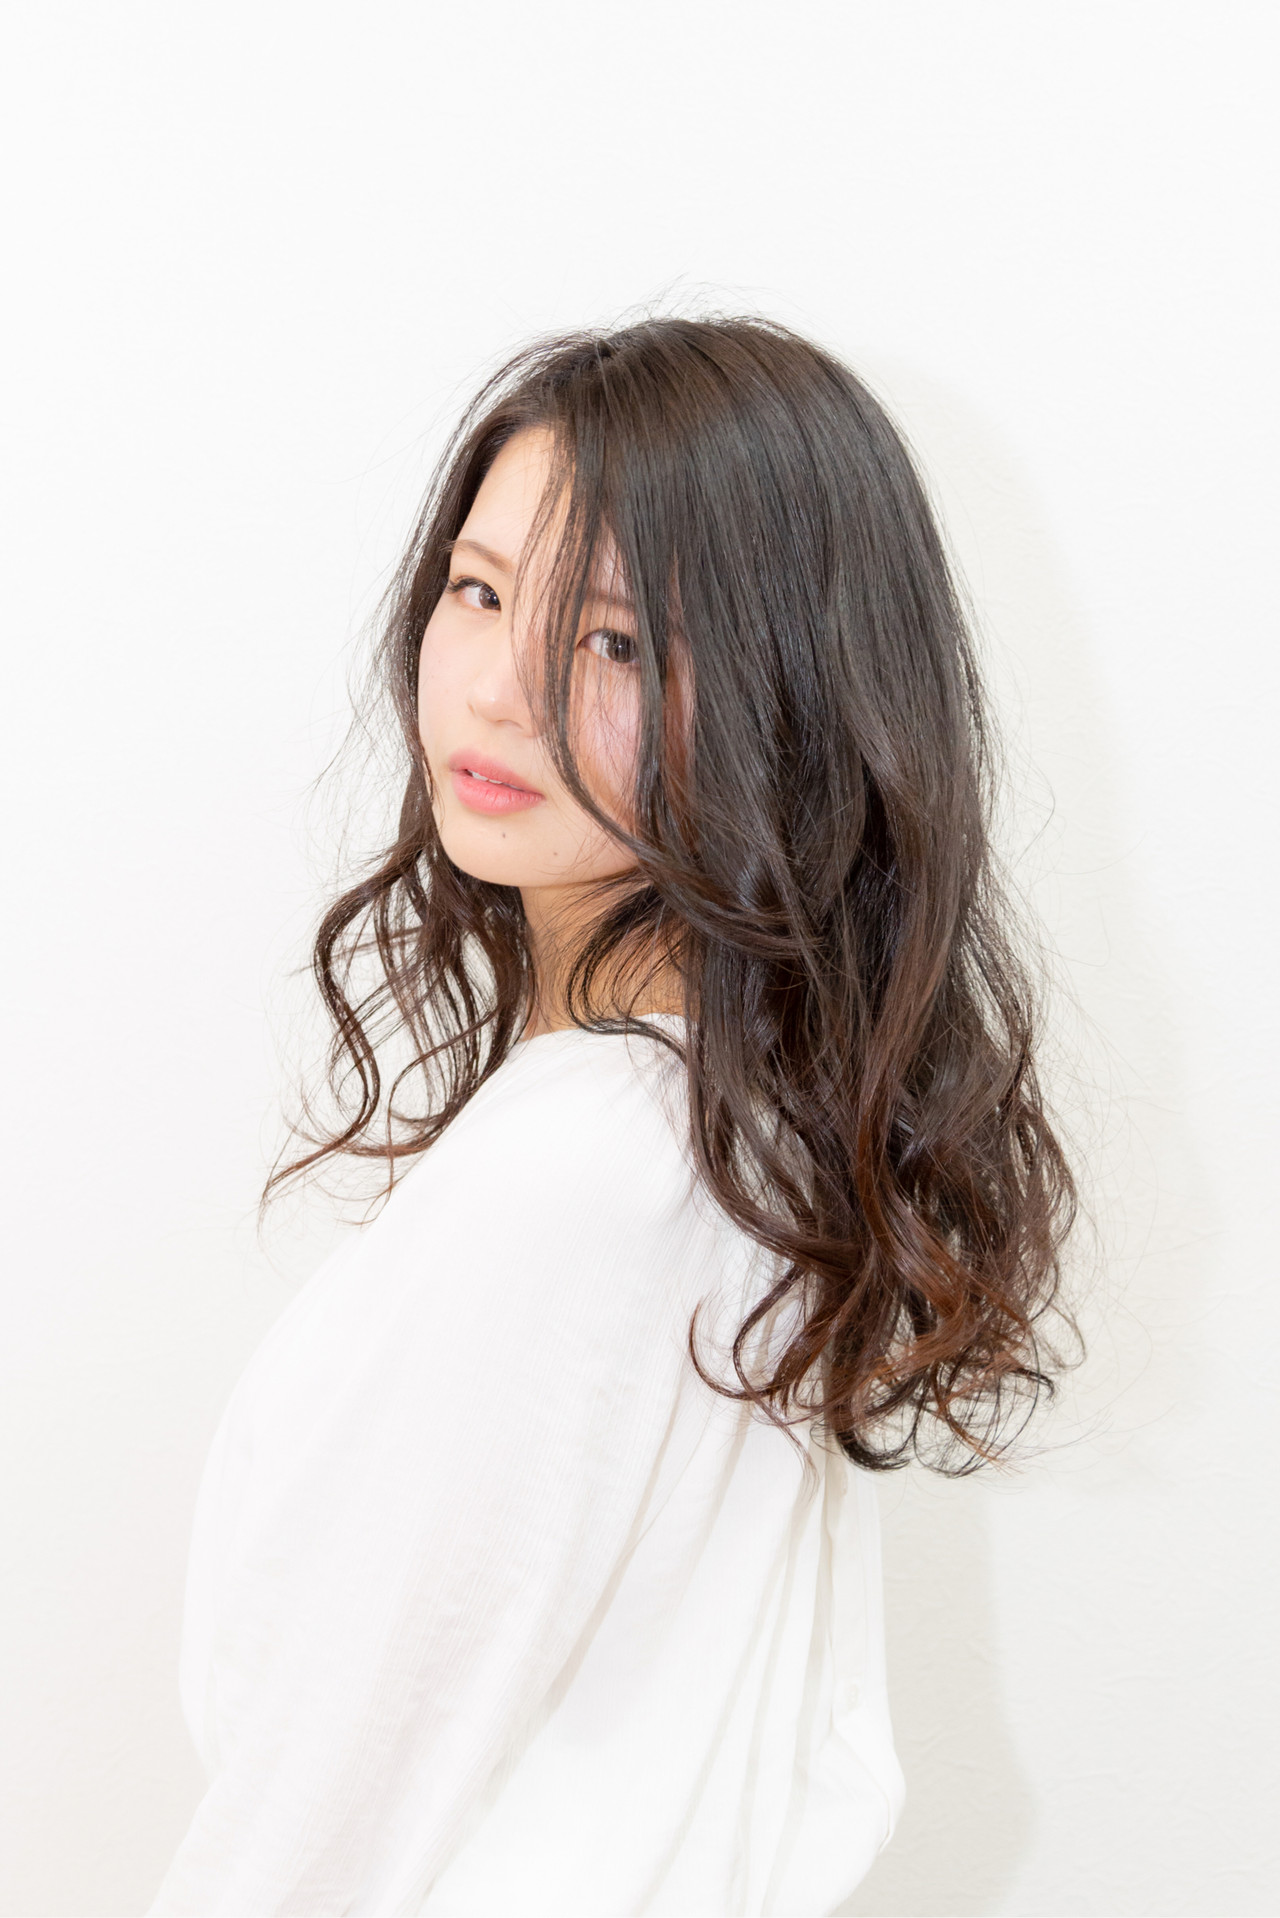 アンニュイほつれヘア 大人かわいい 大人女子 ナチュラル ヘアスタイルや髪型の写真・画像 | 松本てるひと / HAIR GENTIL【ヘアー ジャンティ】